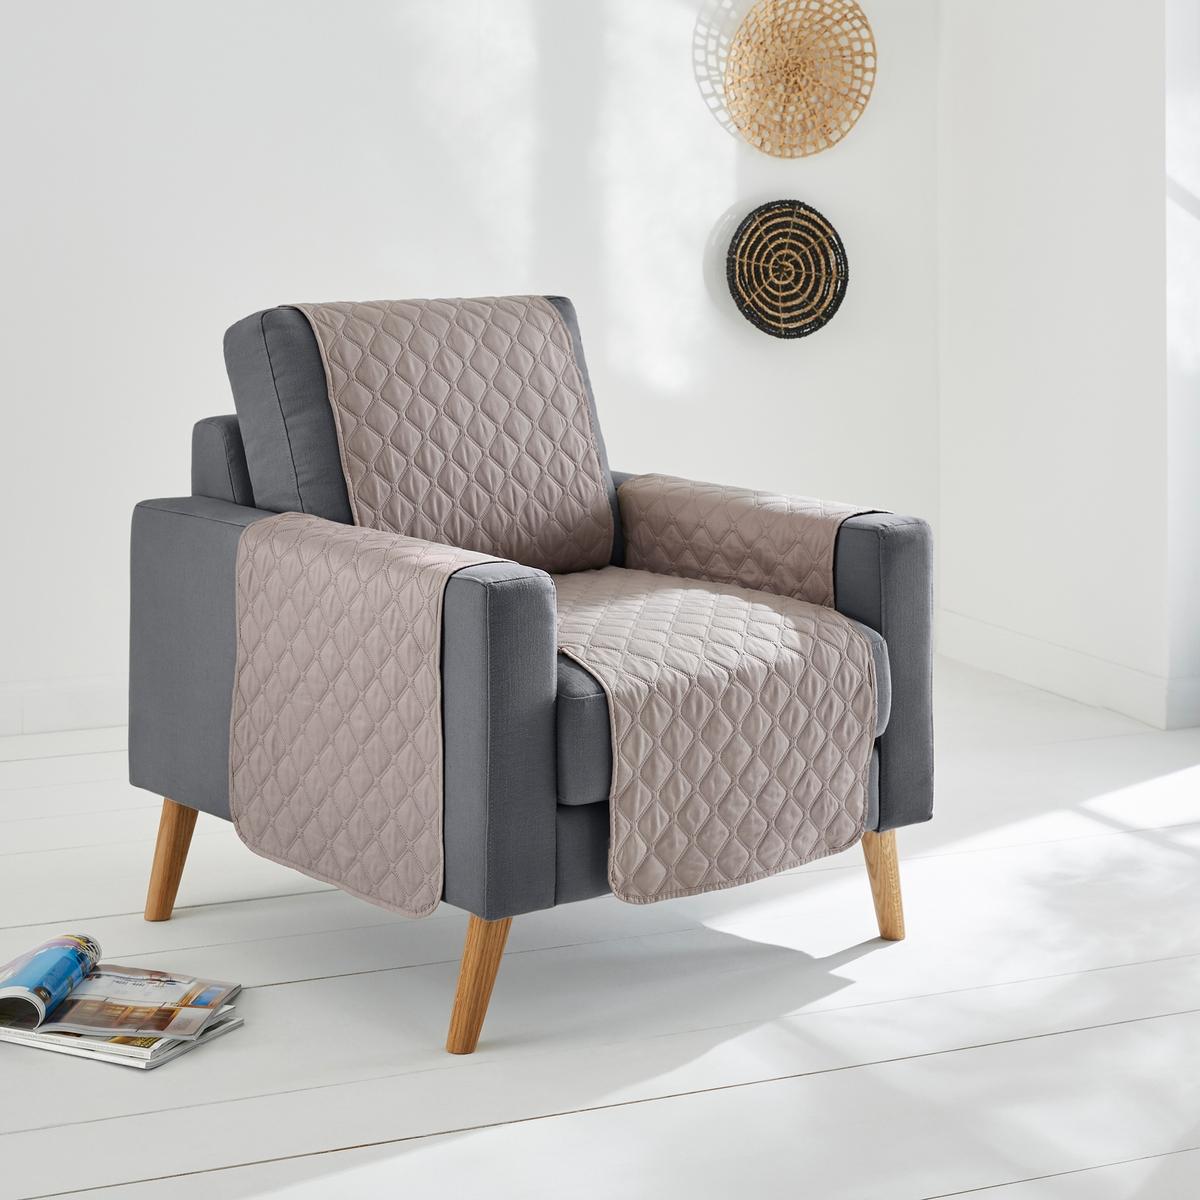 Чехол La Redoute Защитный для кресла или дивана Oralda 2 места каштановый